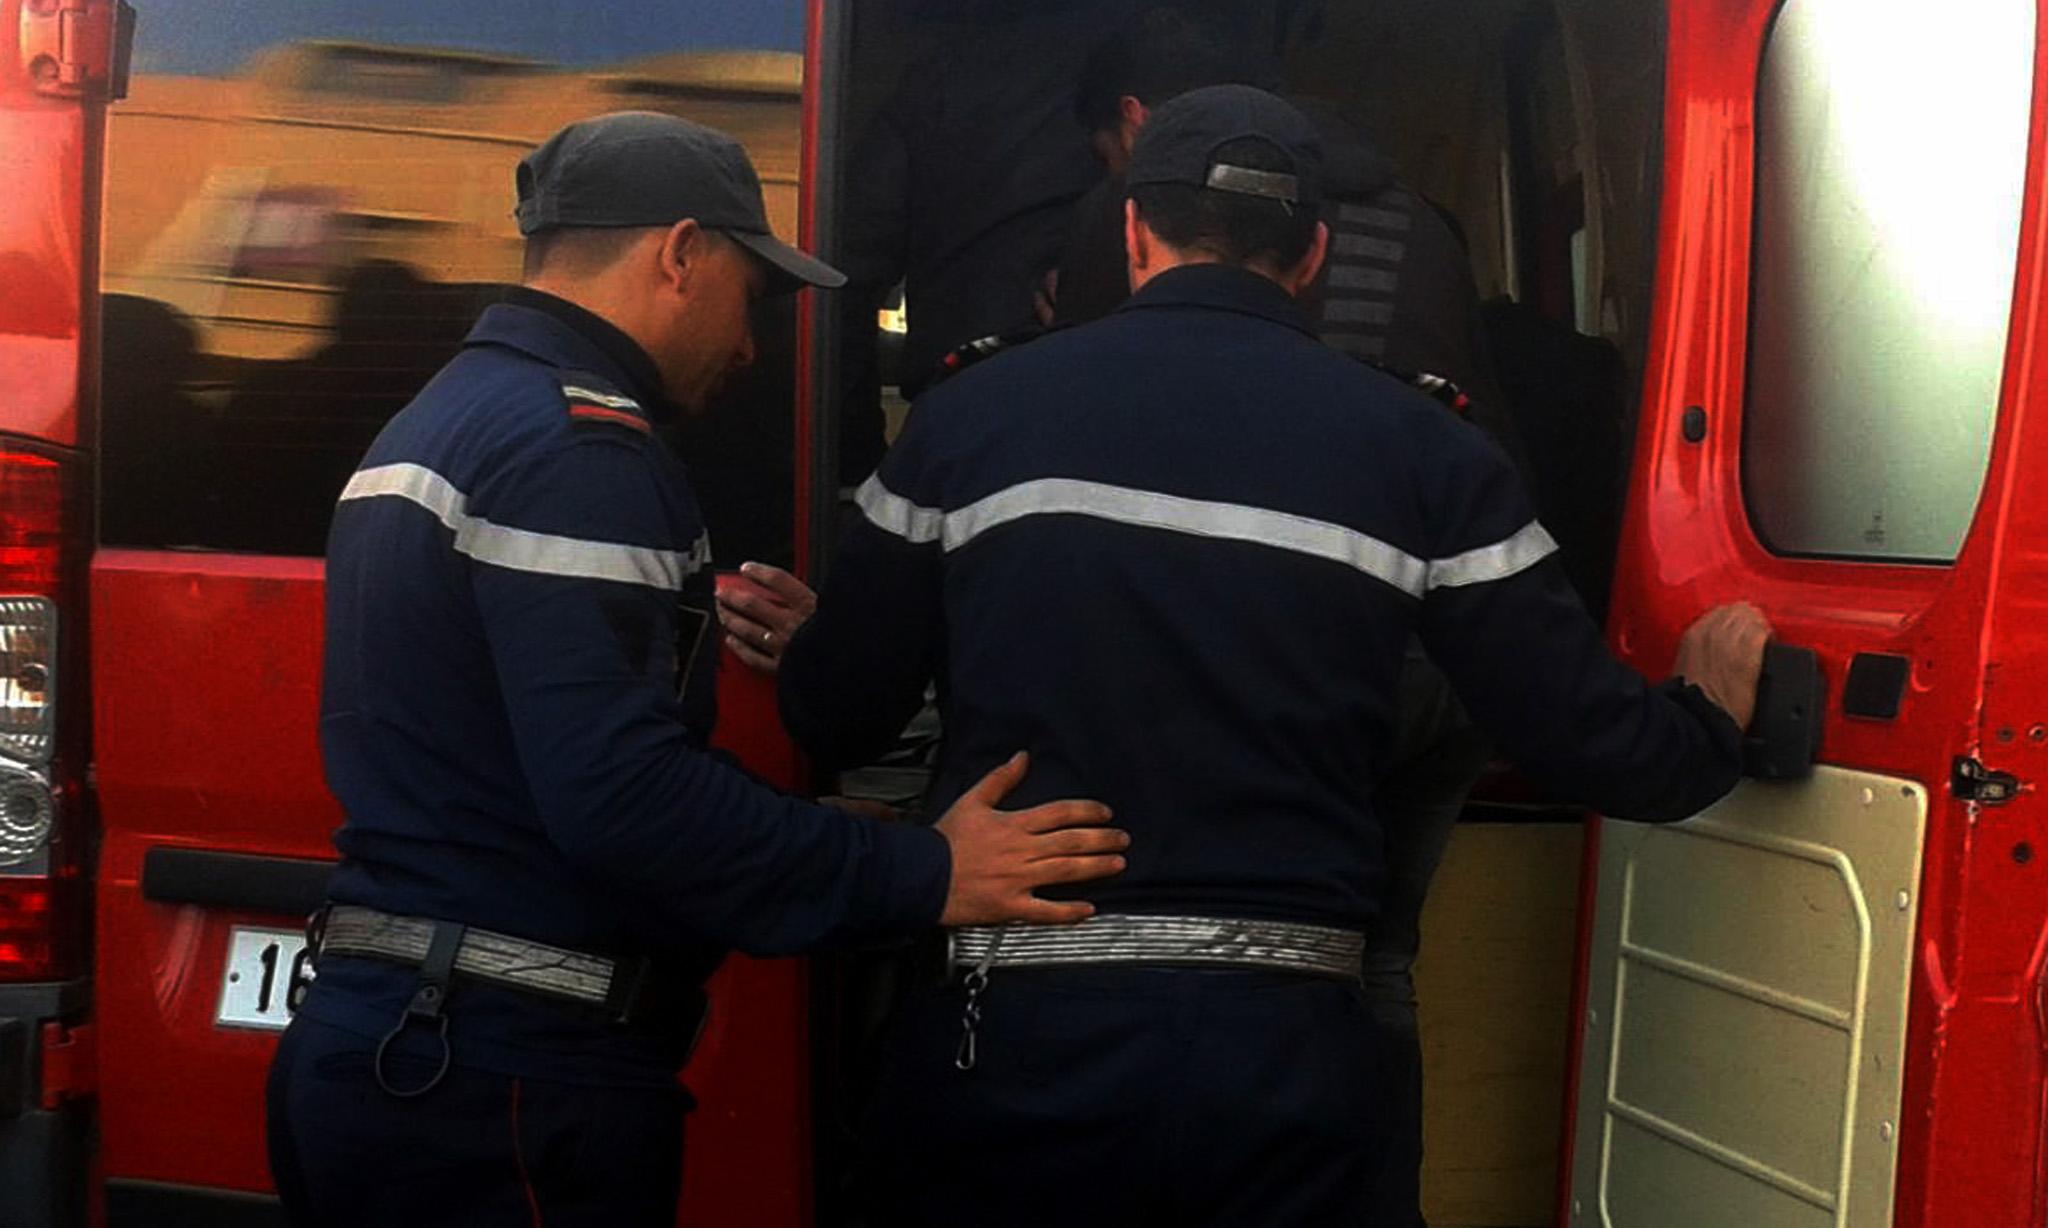 صورة شرطي يلقى مصرعه على يد تاجر مخدرات بمراكش